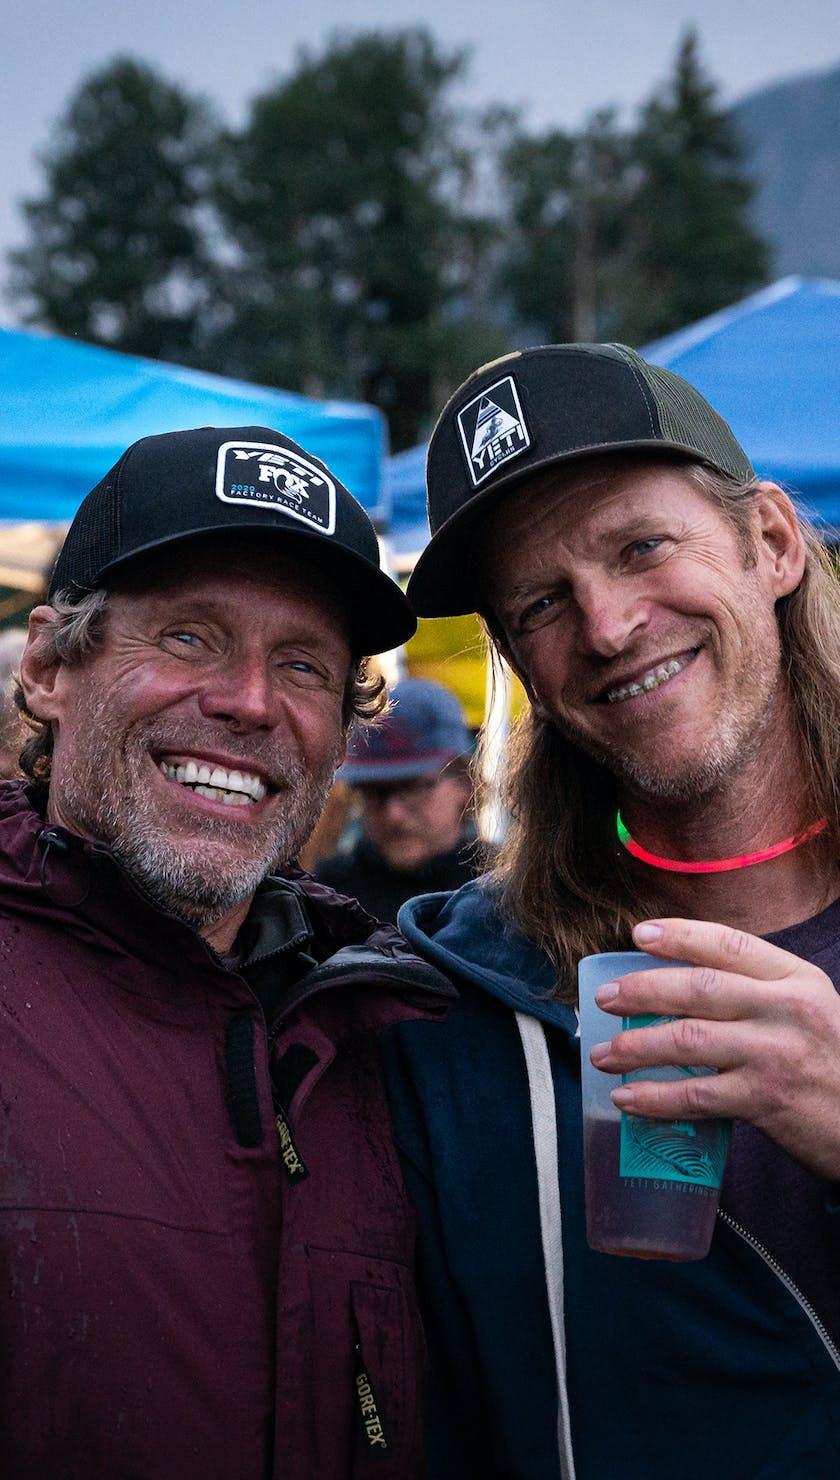 Durango Gathering 21 - Big Joe and Hoog